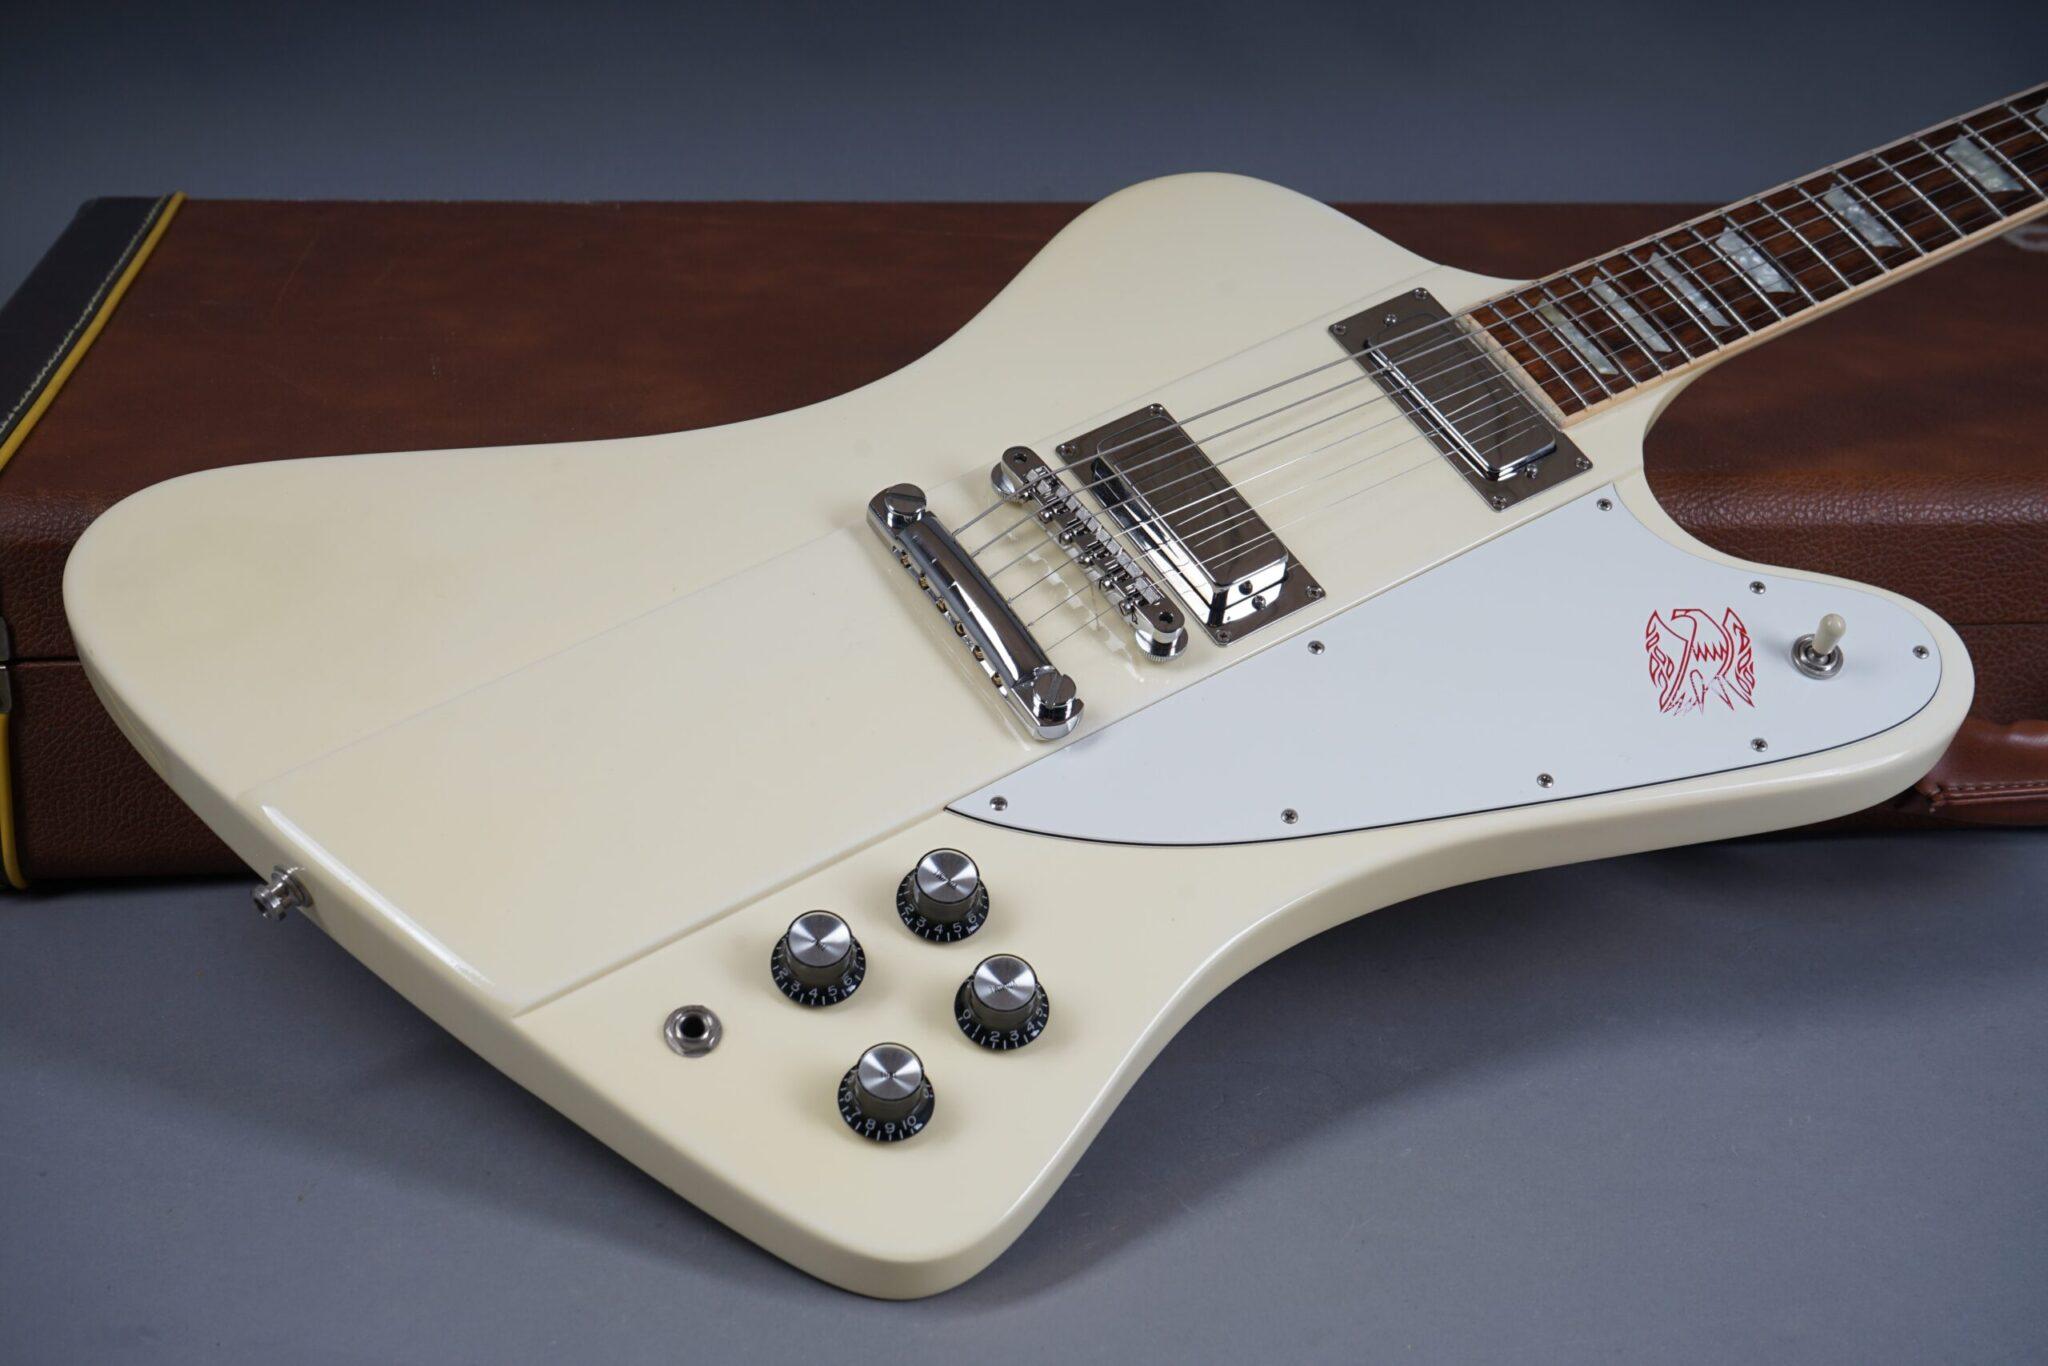 https://guitarpoint.de/app/uploads/products/1991-gibson-firebird-v-white/1991-Gibson-Firebird-V-White-90241717-22-scaled-2048x1366.jpg